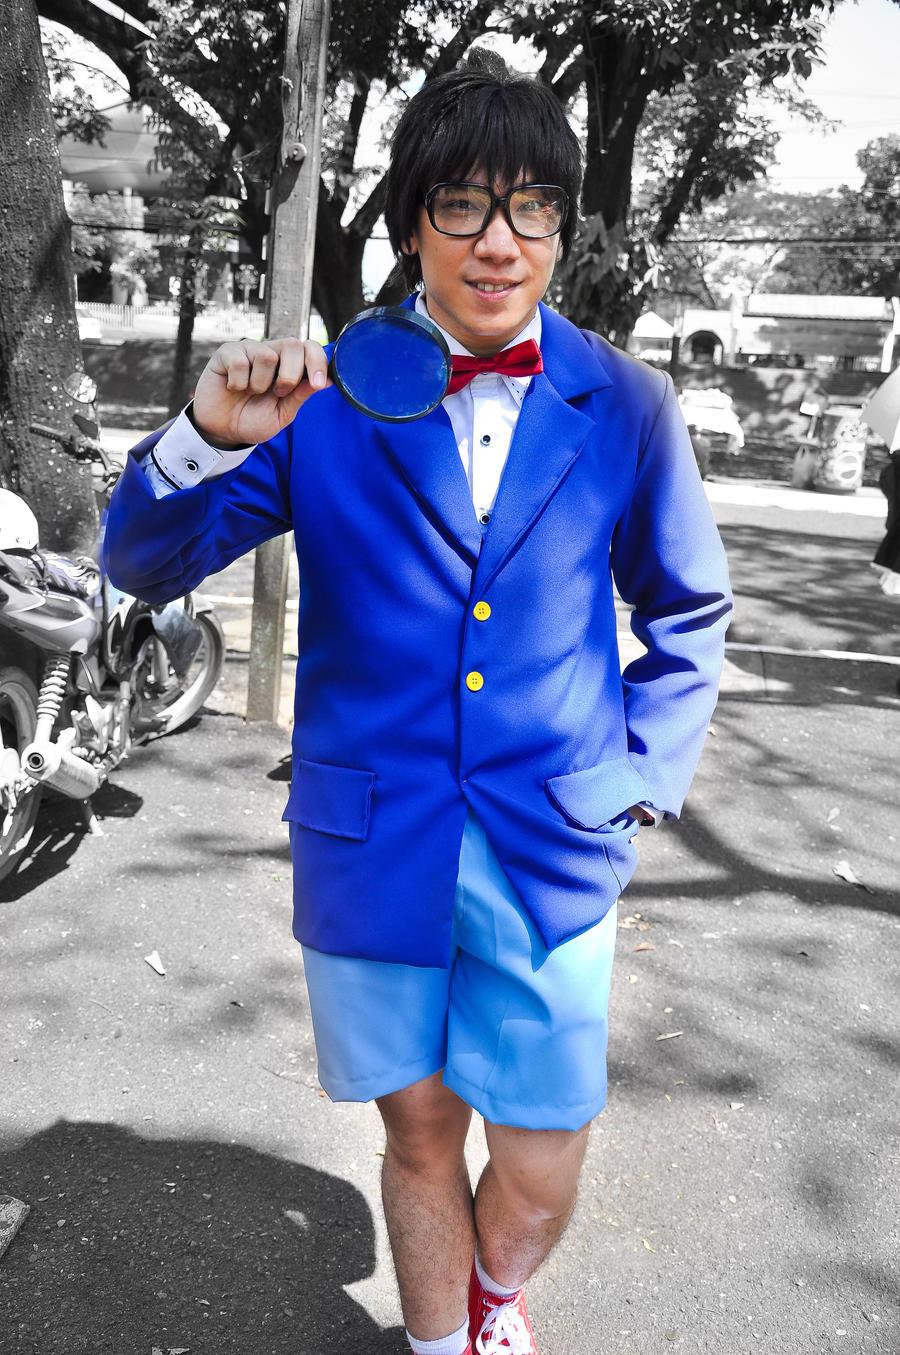 JUEGO PARA OTAKUS - Página 2 Detective_conan_cosplay_by_flatline06-d4r3r8k